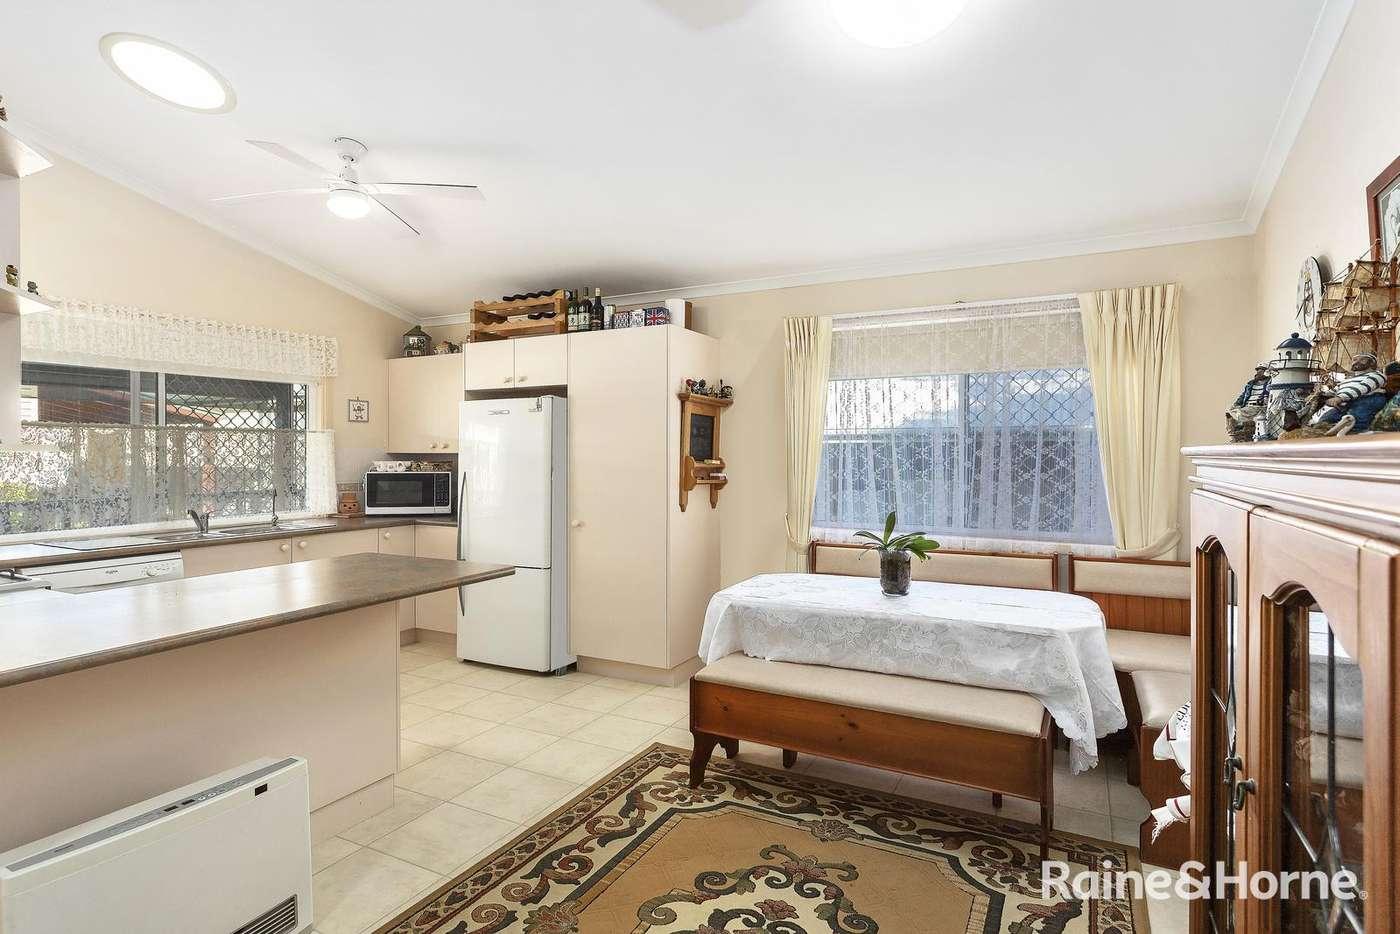 Sixth view of Homely house listing, 173/186 Sunrise Ave, Halekulani NSW 2262